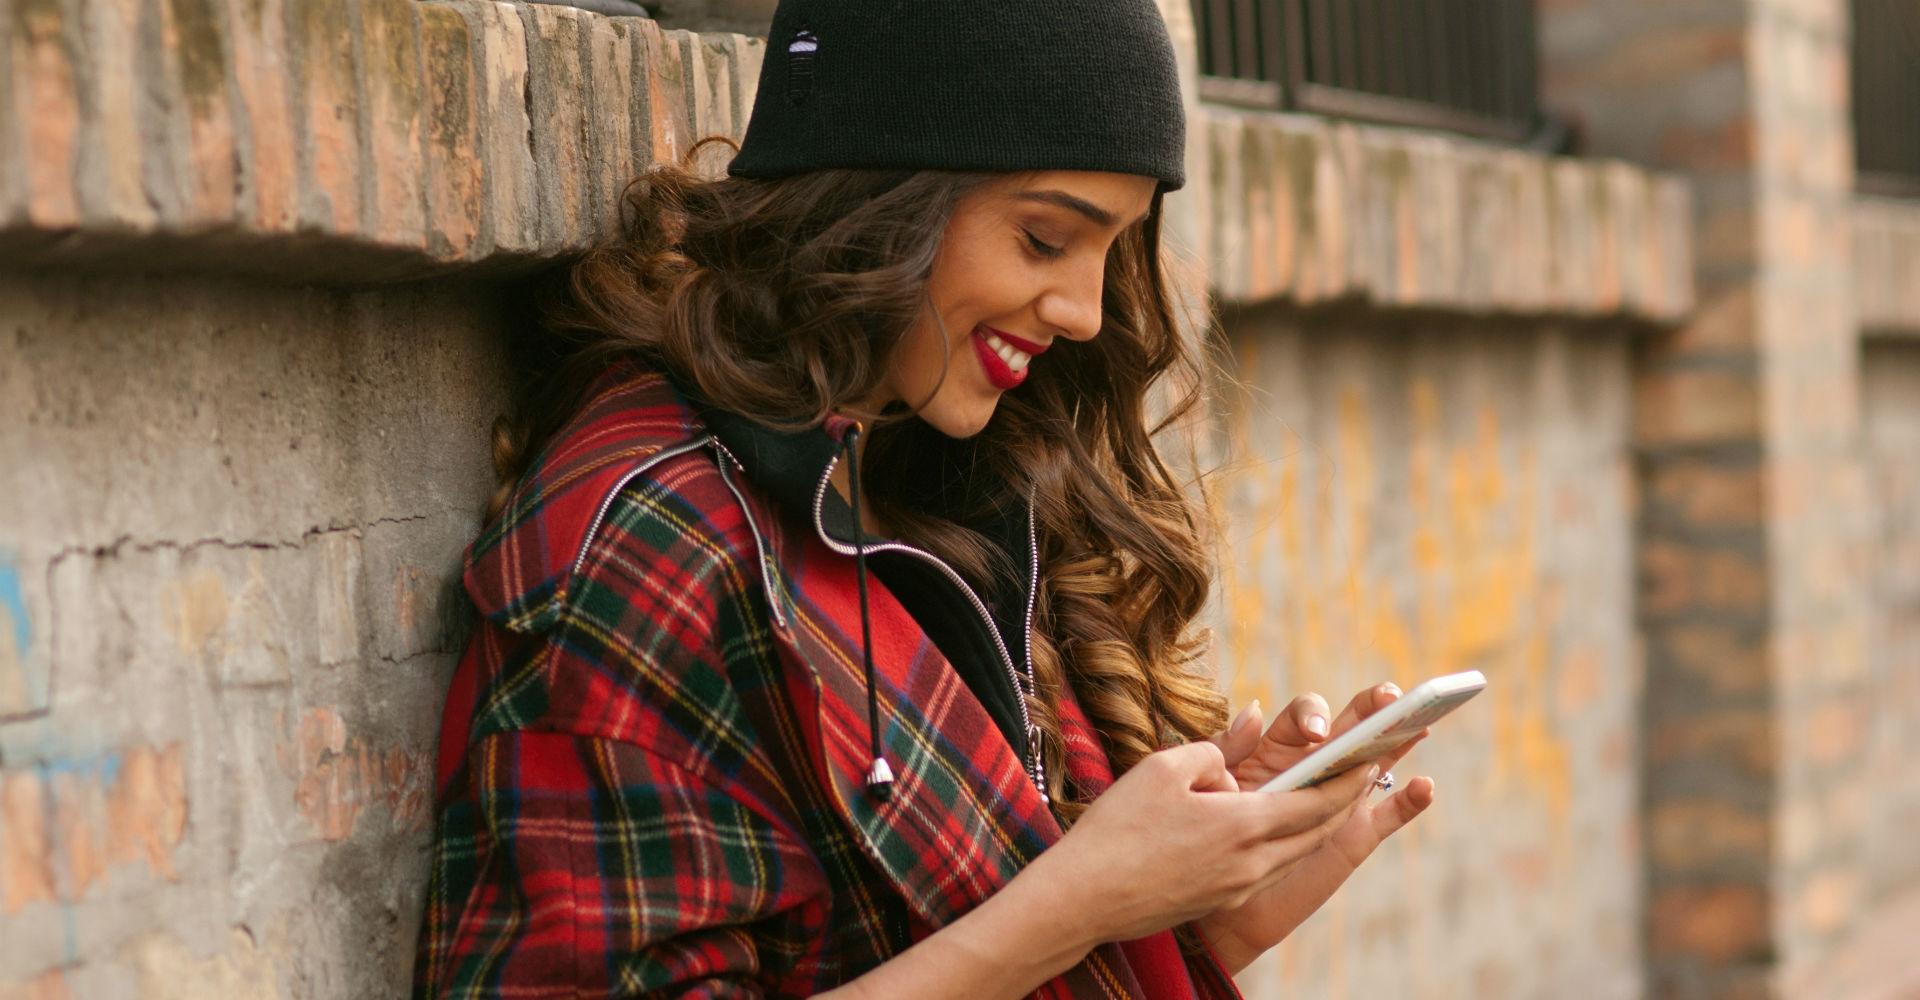 Junge Frau in kariertem Hemd schaut auf Smartphone.